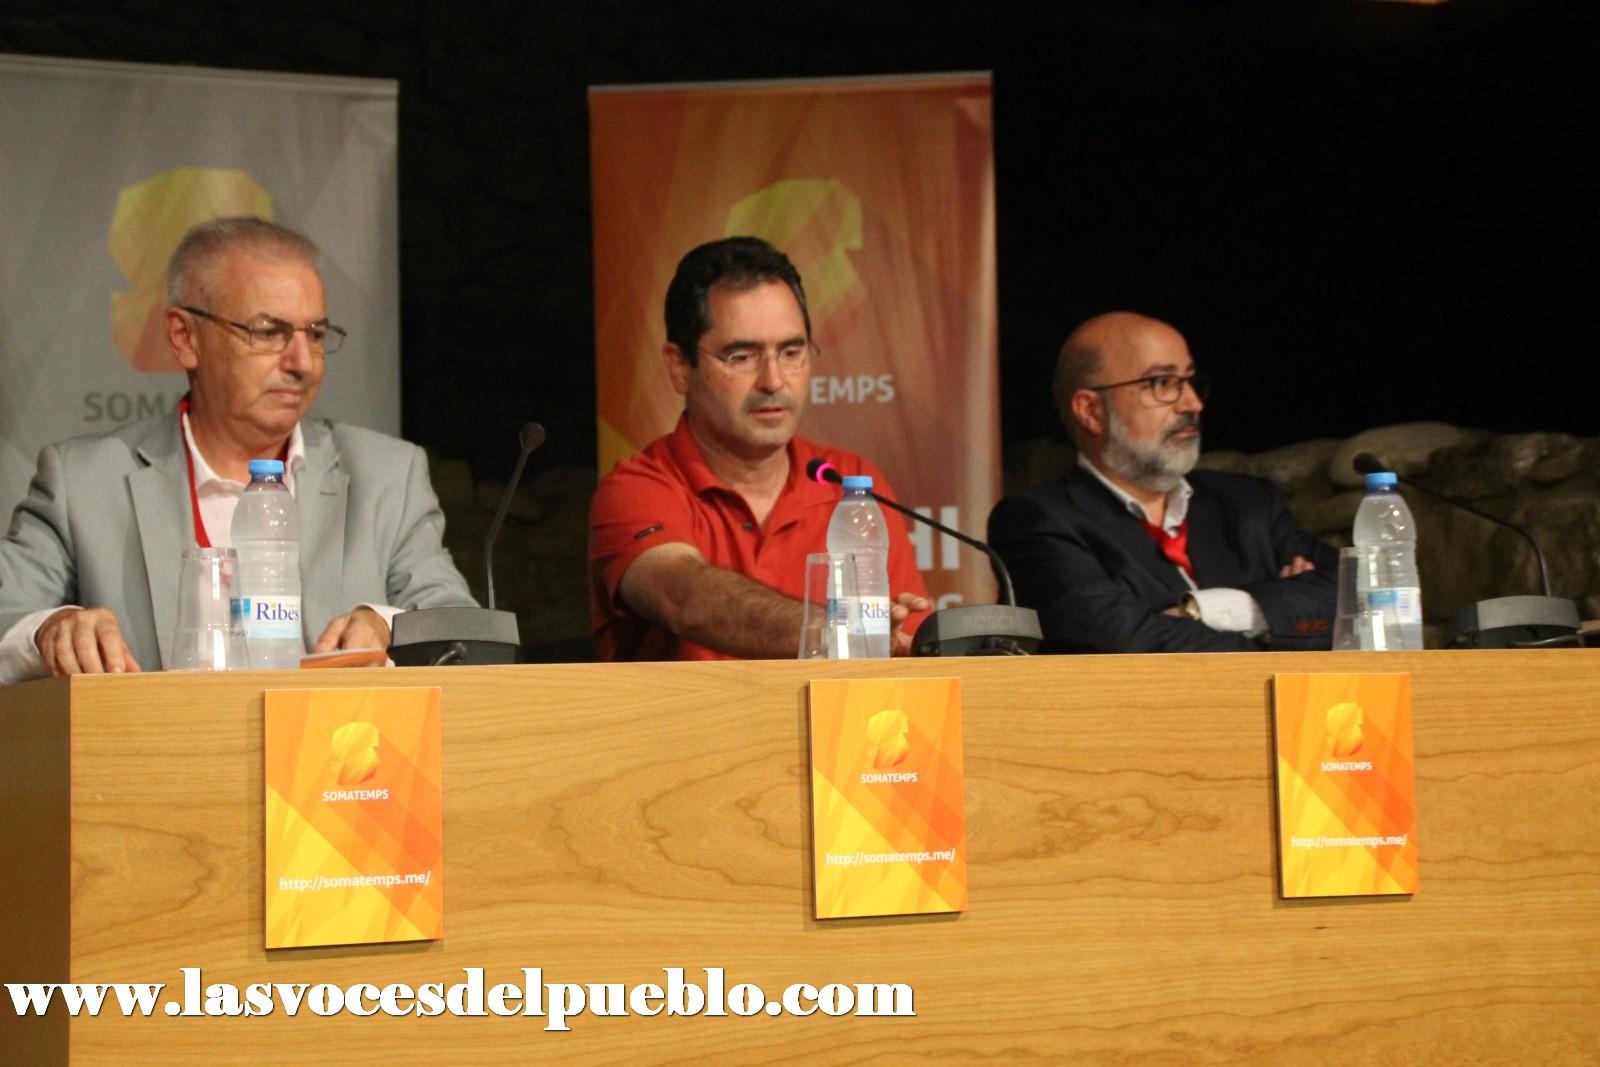 las voces del pueblo_I Congreso de Somatemps_Ripoll_Gerona (21)